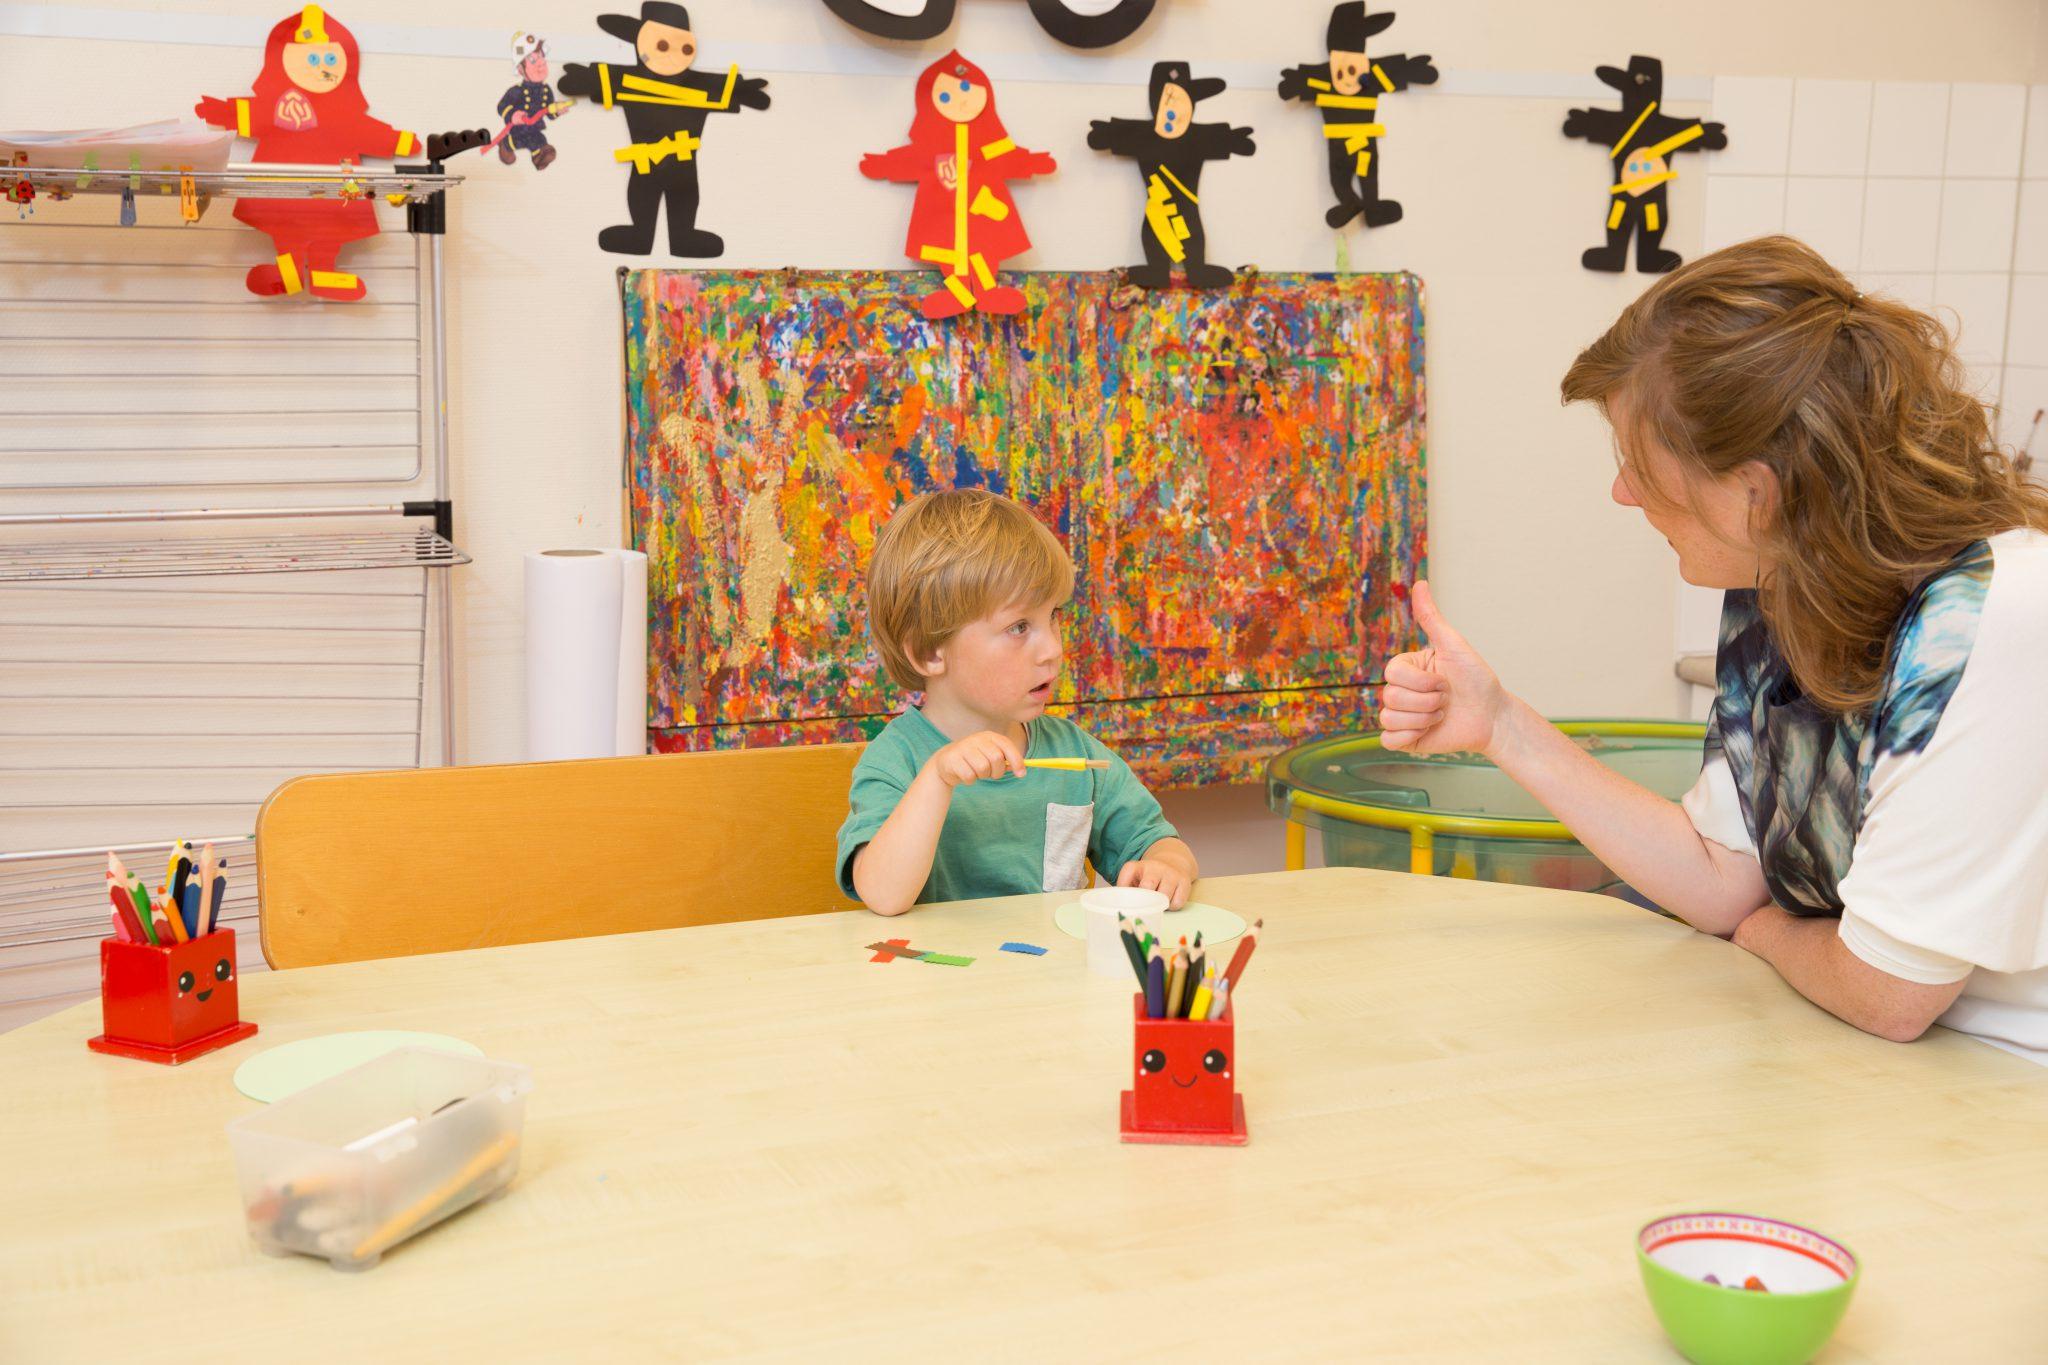 Kind en pedagogisch aan tafel. We streven ernaar onze tarieven zo laag mogelijk te houden.